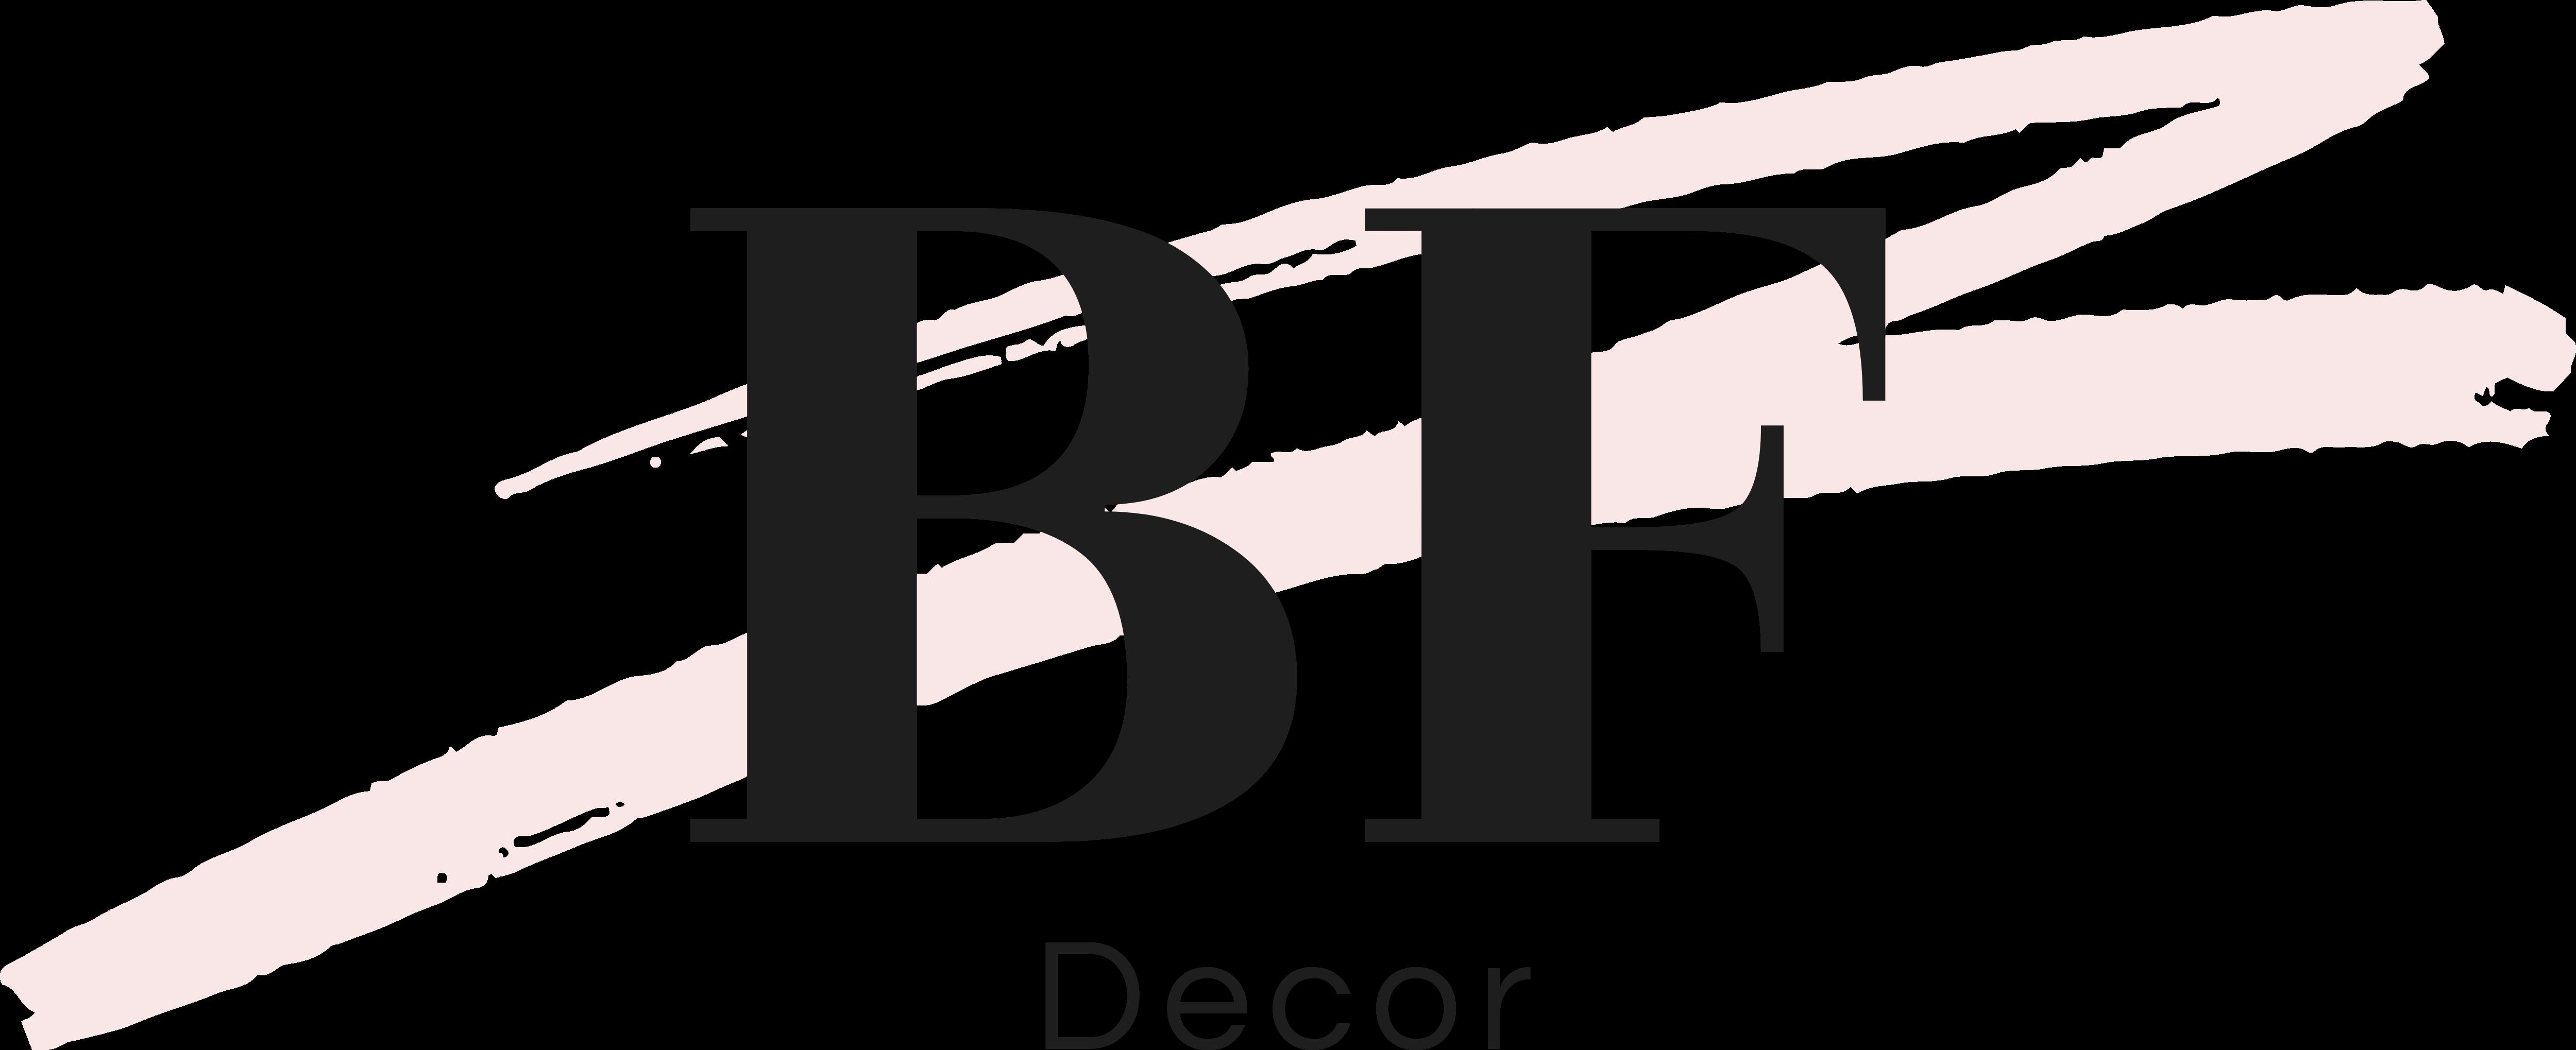 bfdecor.com.br